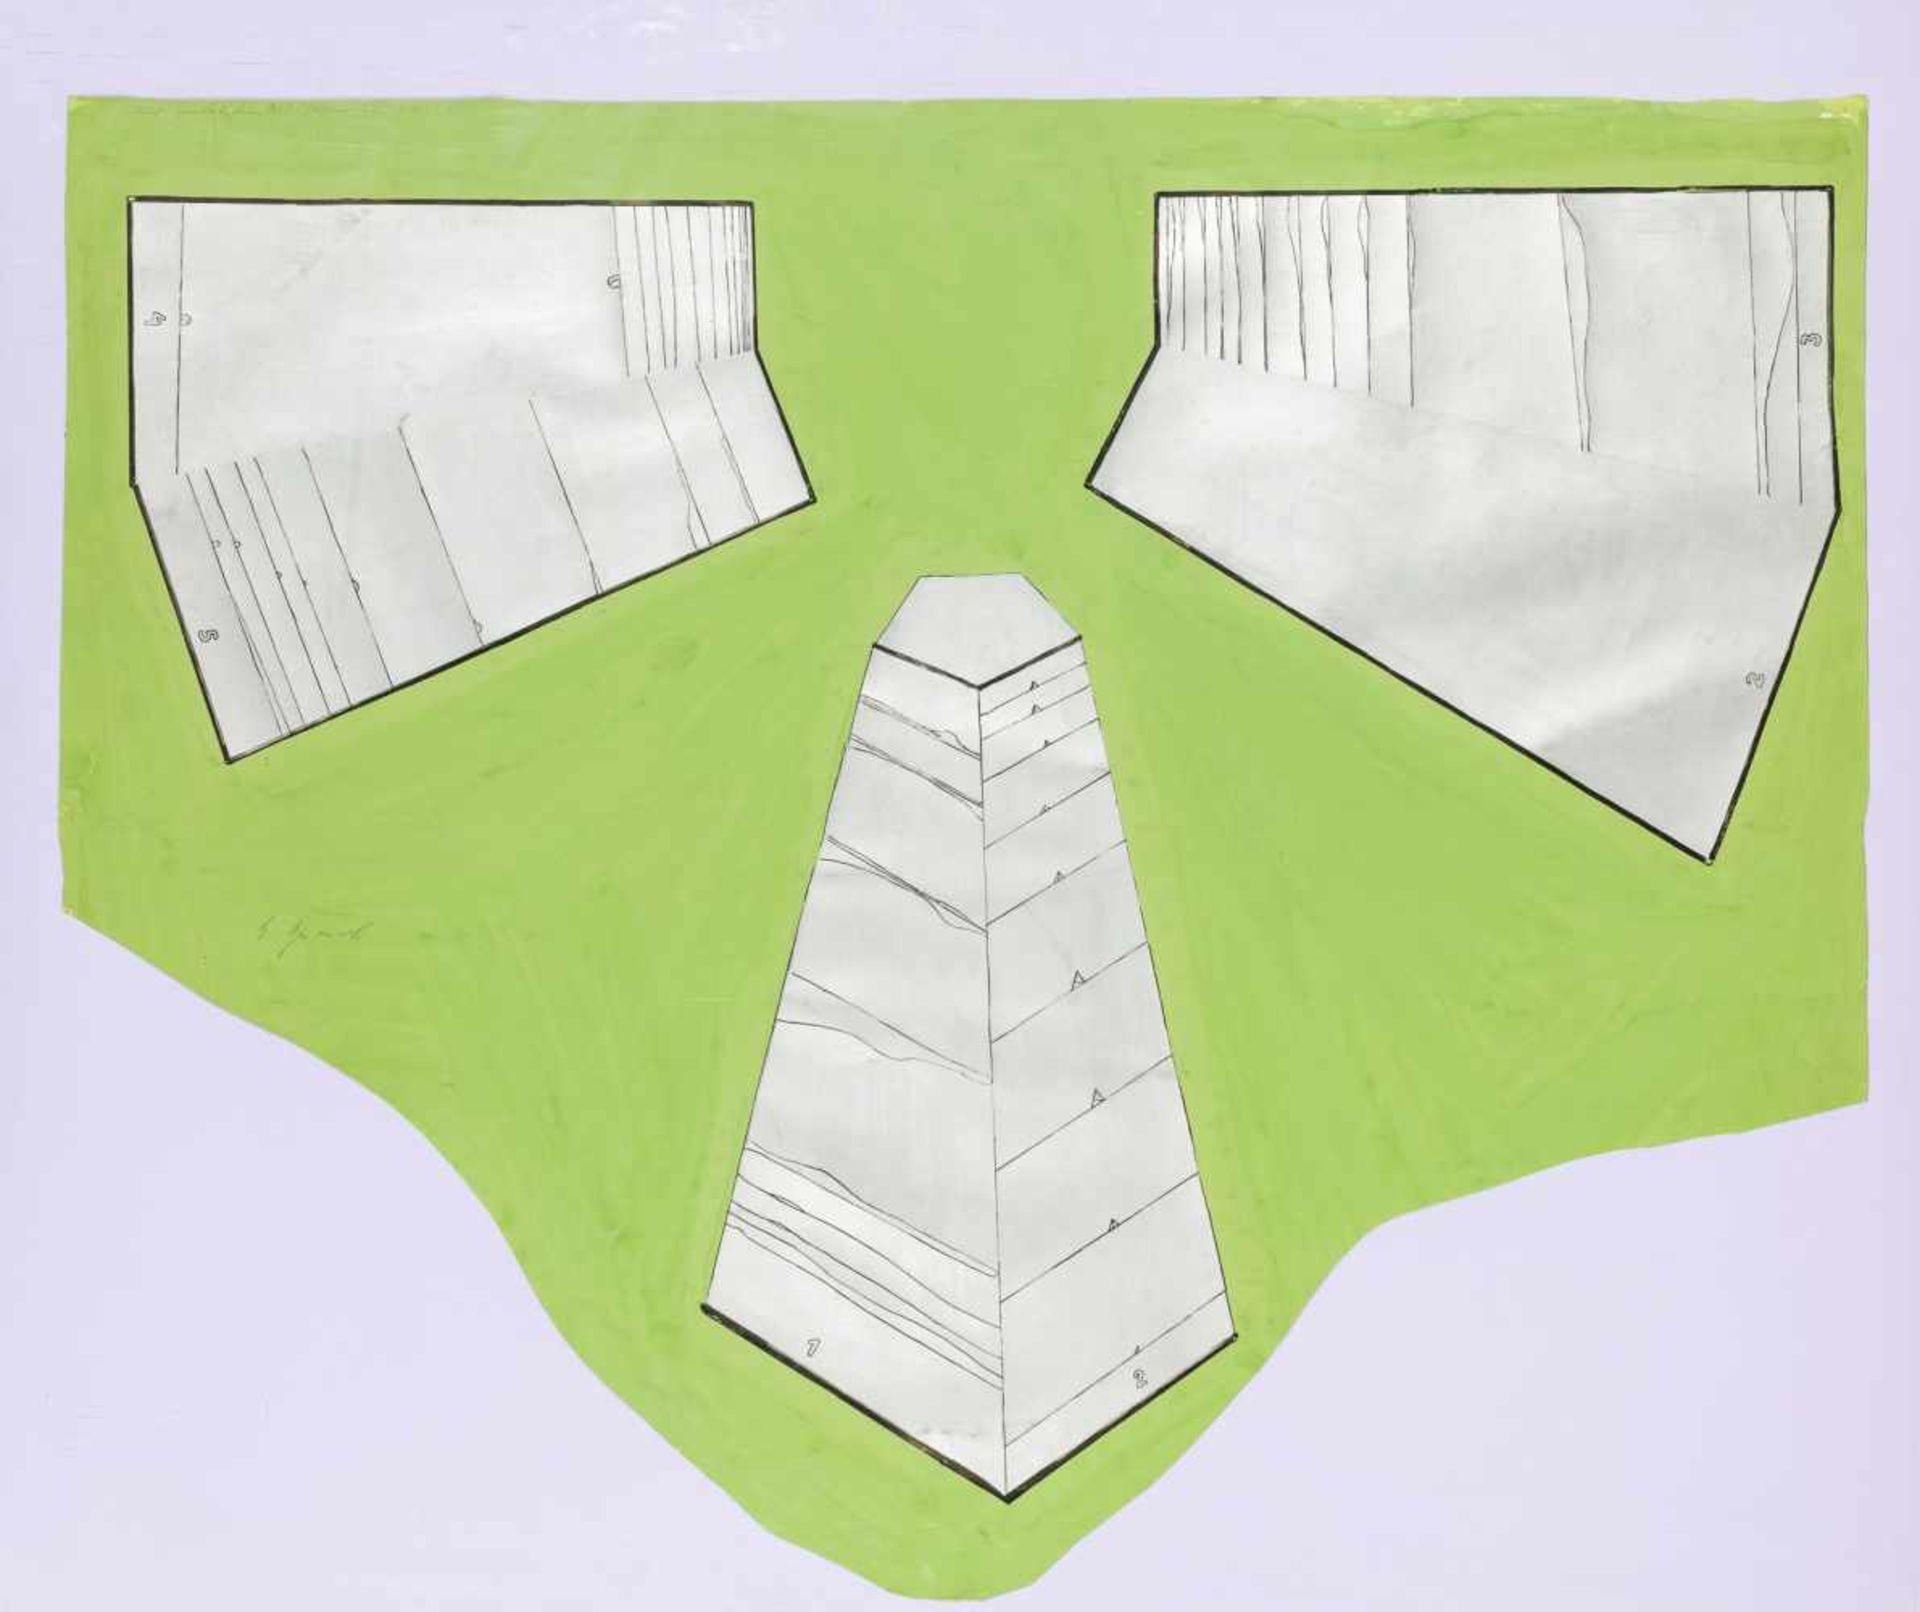 Los 6 - Bruno Gironcoli * Villach 1936 - 2010 Wien Ohne Titel (Entwurf für eine Plastik) Mischtechnik auf